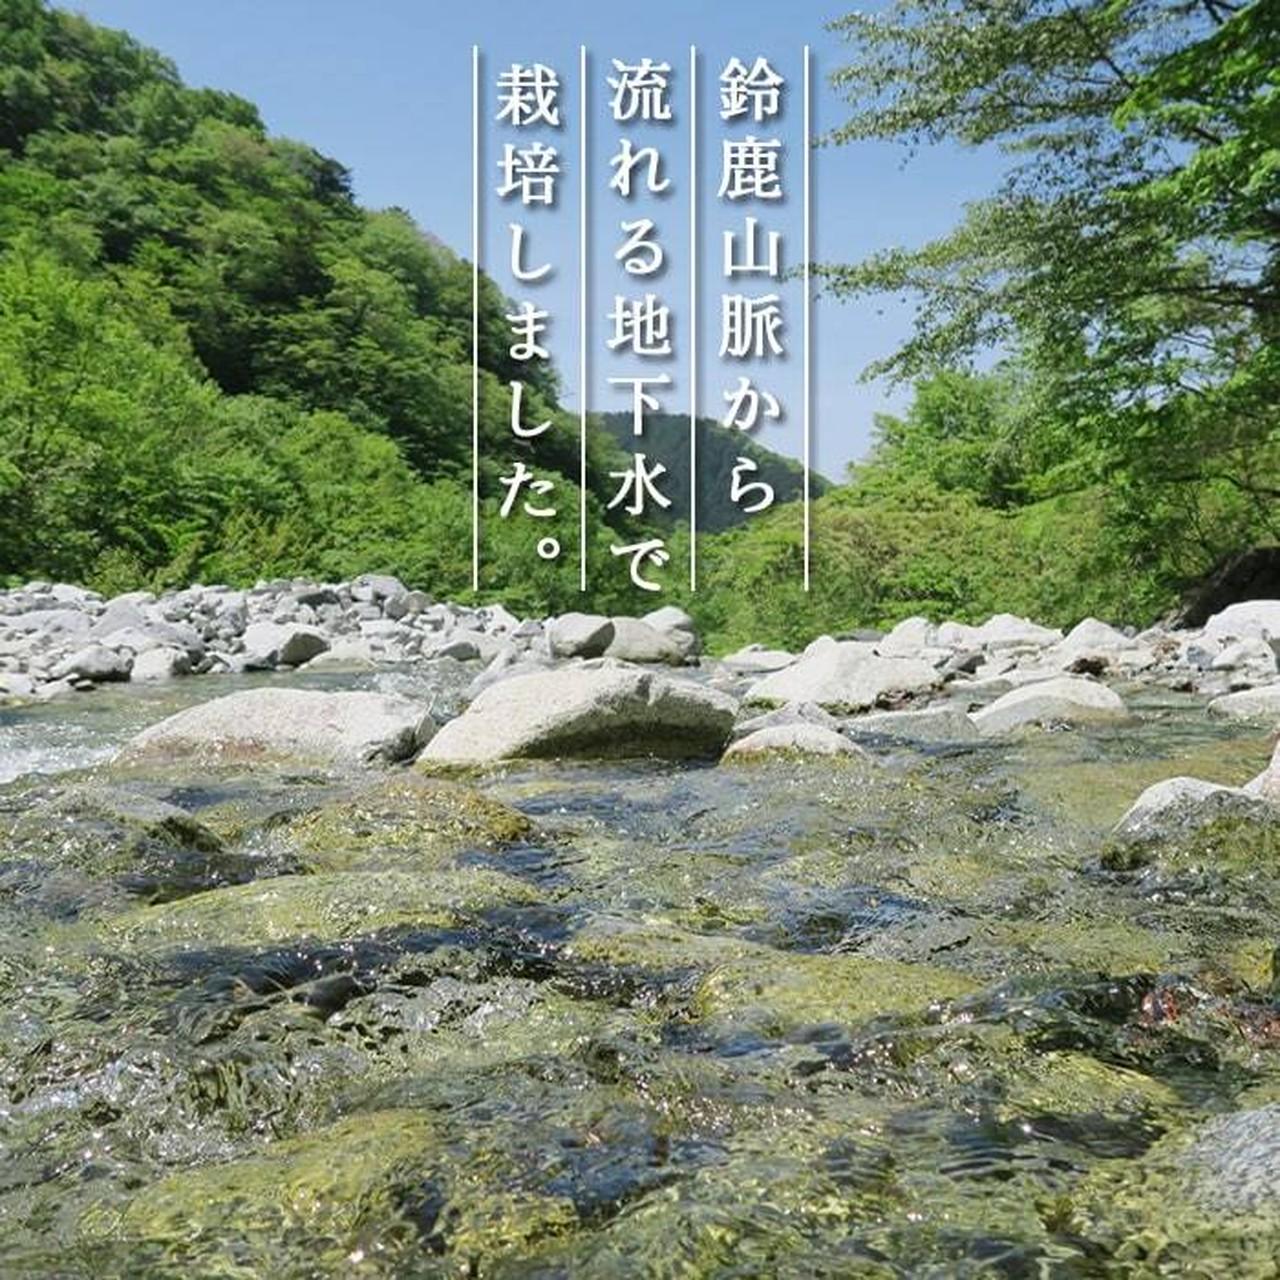 【87farm】業務用 食べられる ドライフラワー(コーンフラワー ミックス ) エディブルフラワー